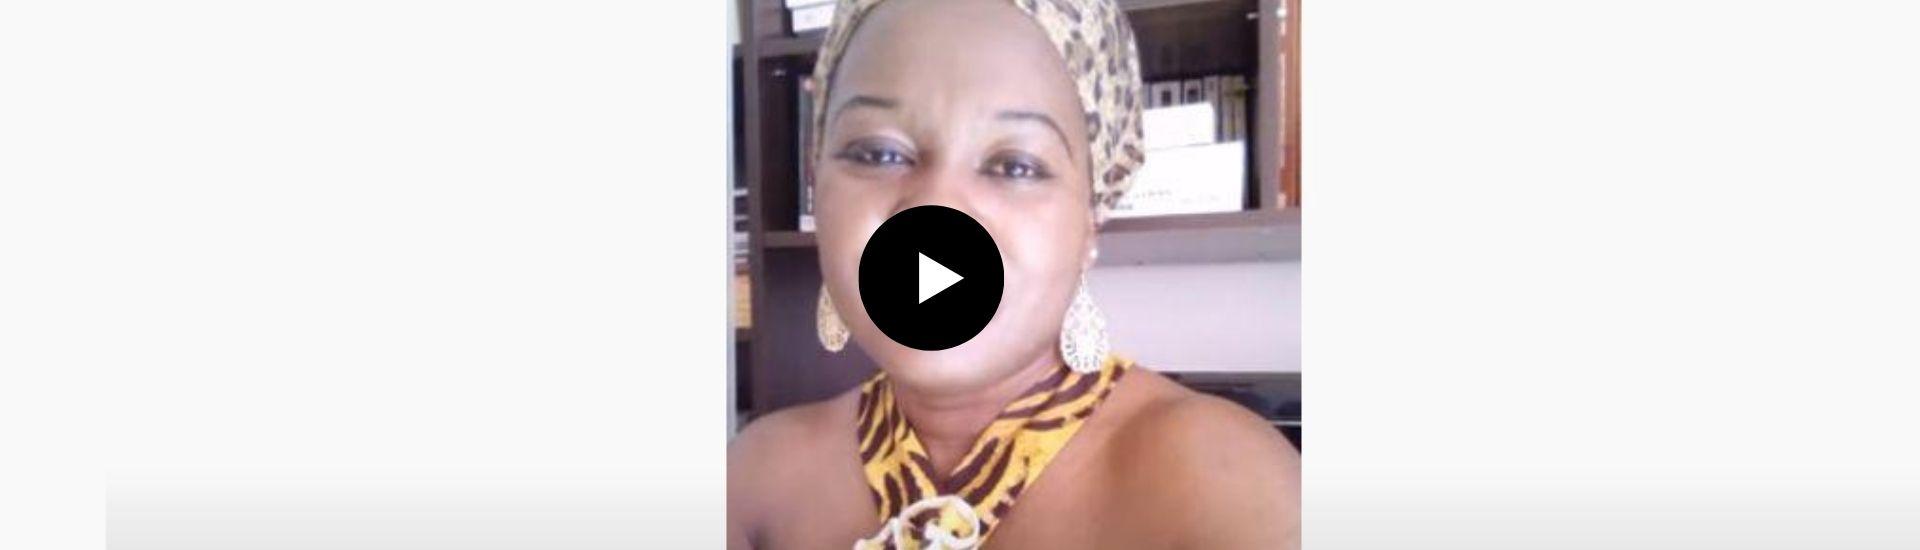 Minsili Zanga vidéos : des émotions derrière nos réactions